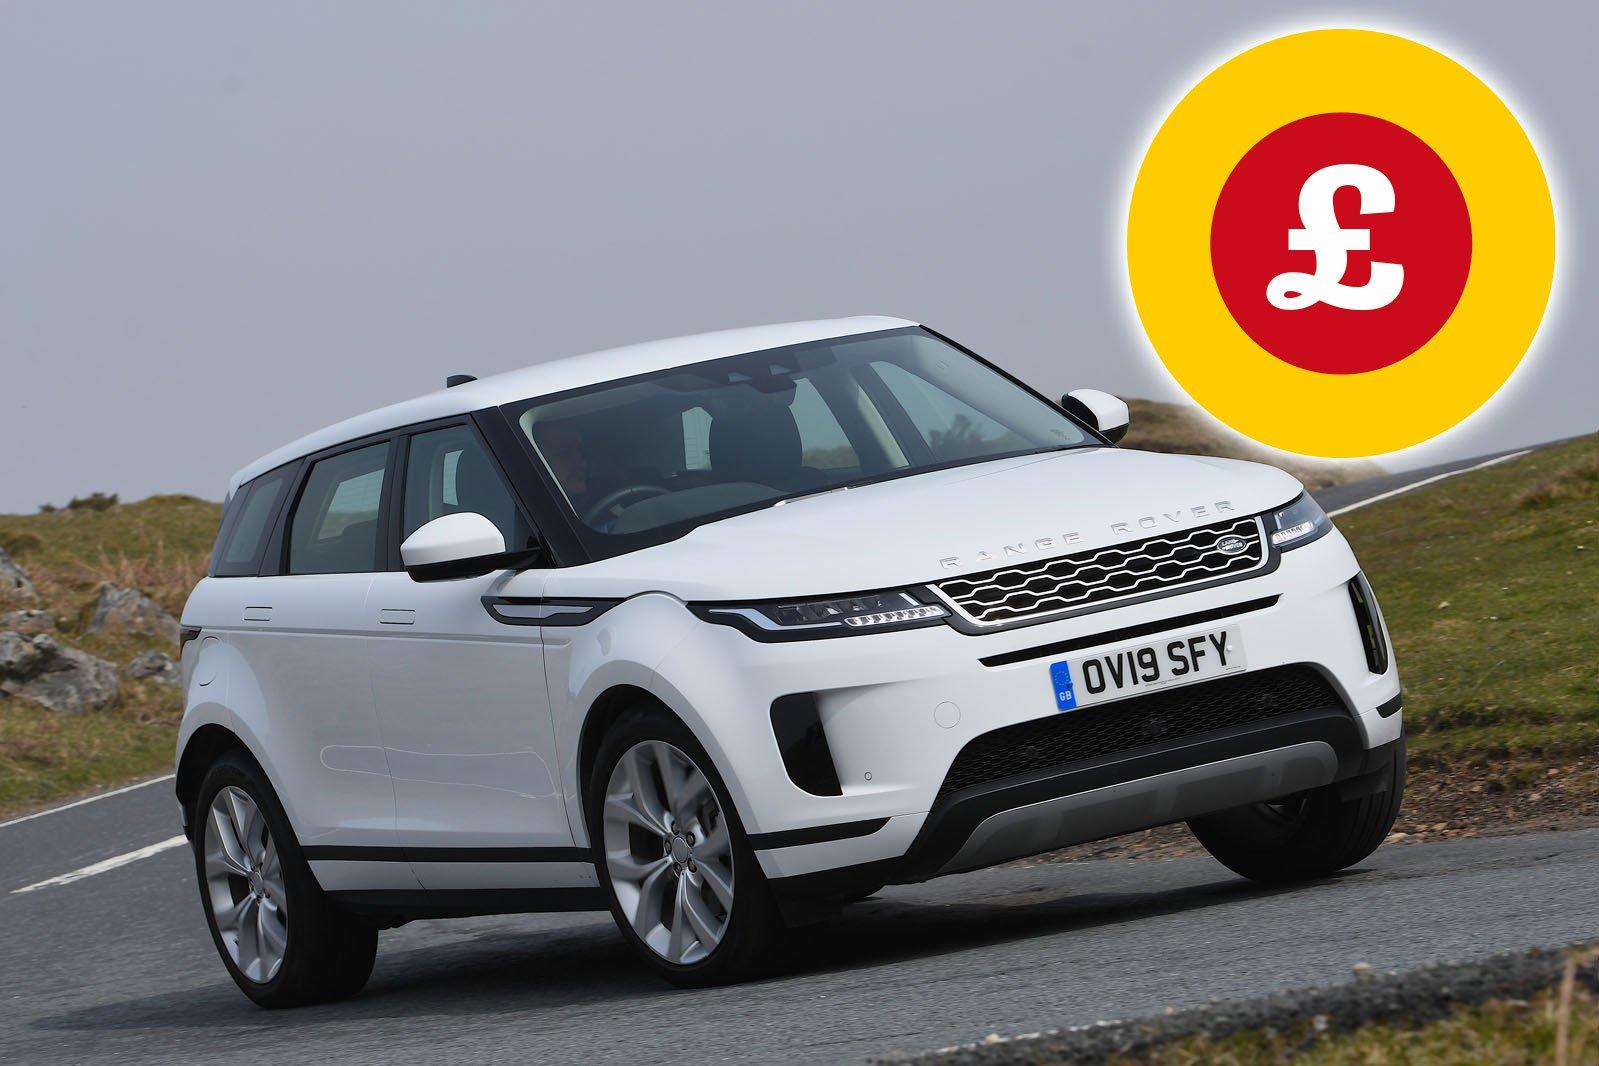 Range Rover Evoque SUV deals